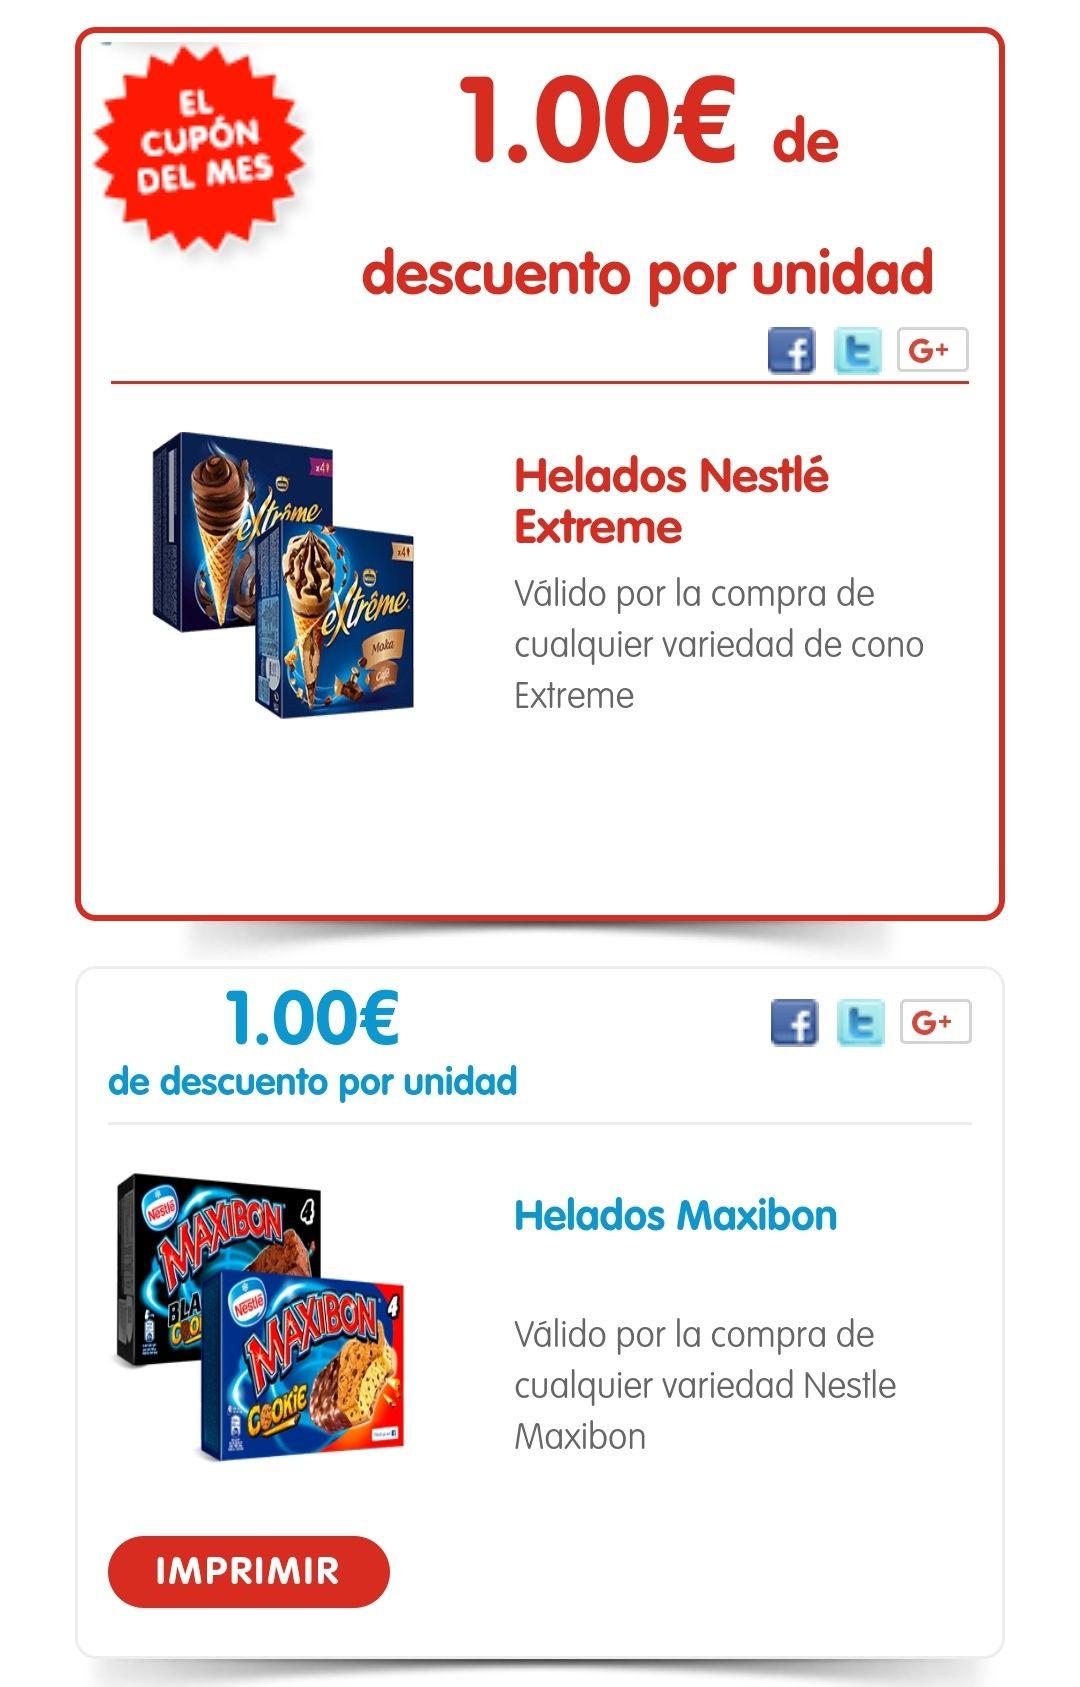 Cupones para productos Nestlé